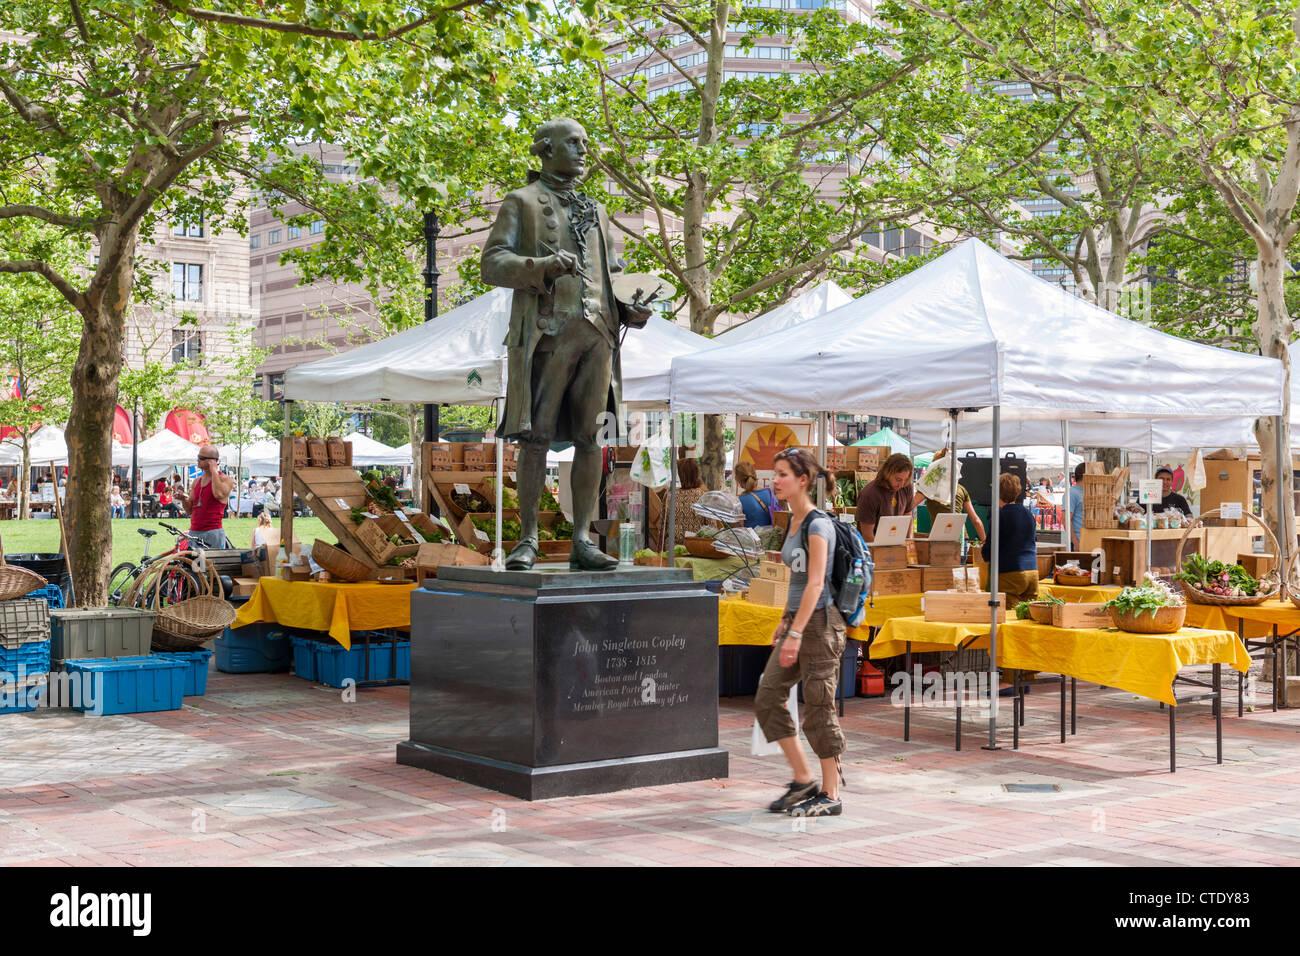 Copley square farmers market, Boston - Stock Image